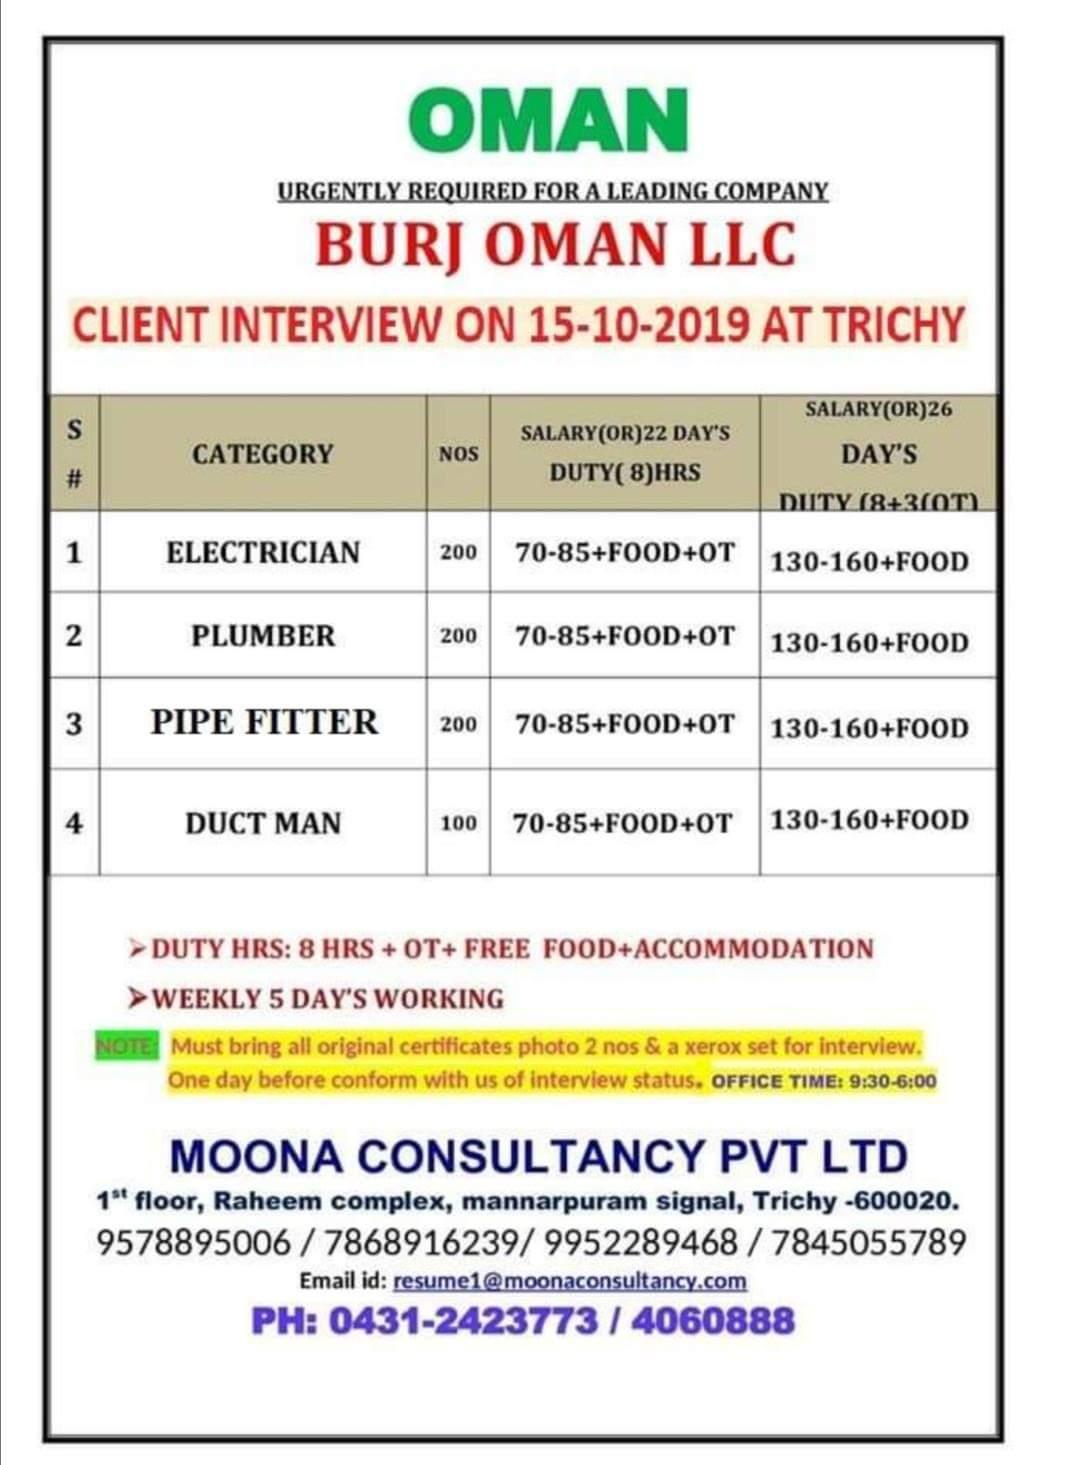 BURJ OMAN LLC